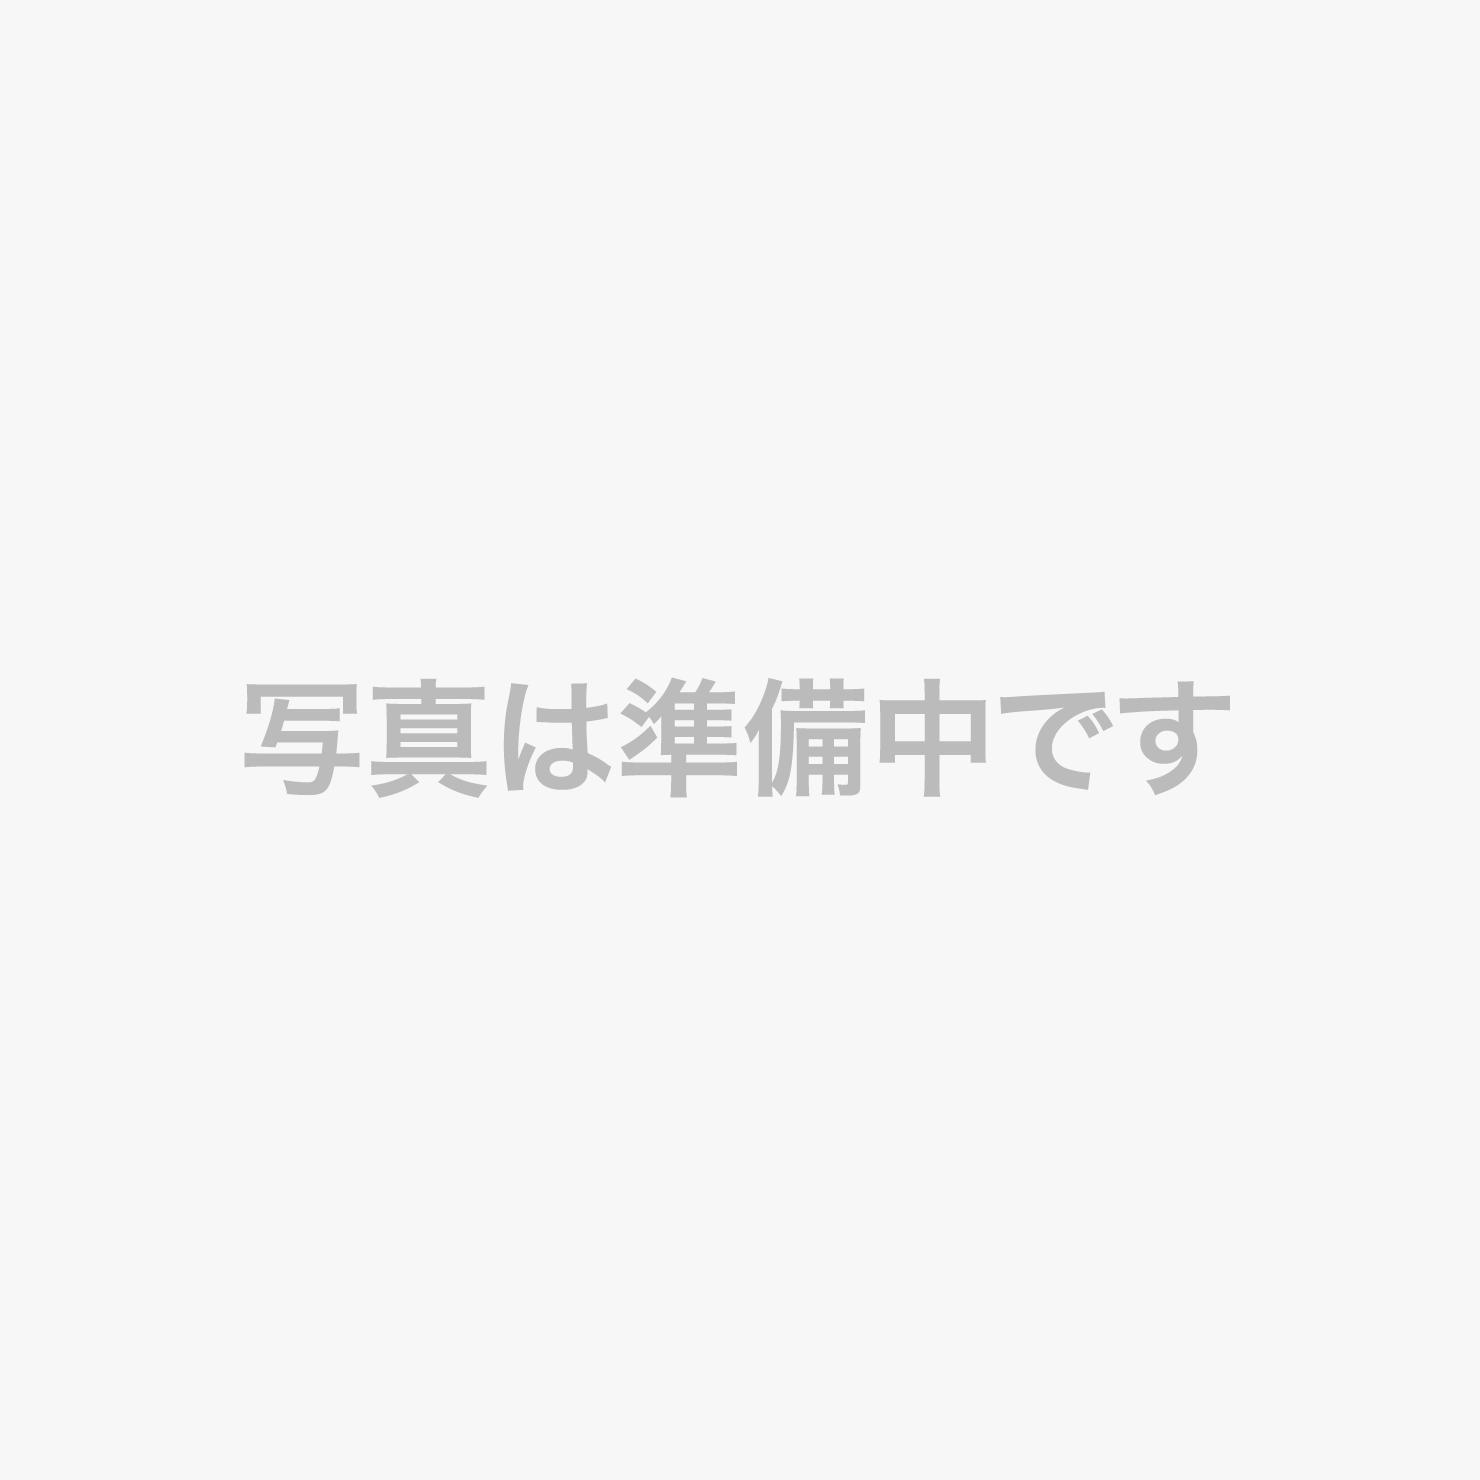 【ワイドツイン】21平米ベッド幅122cm×195cm